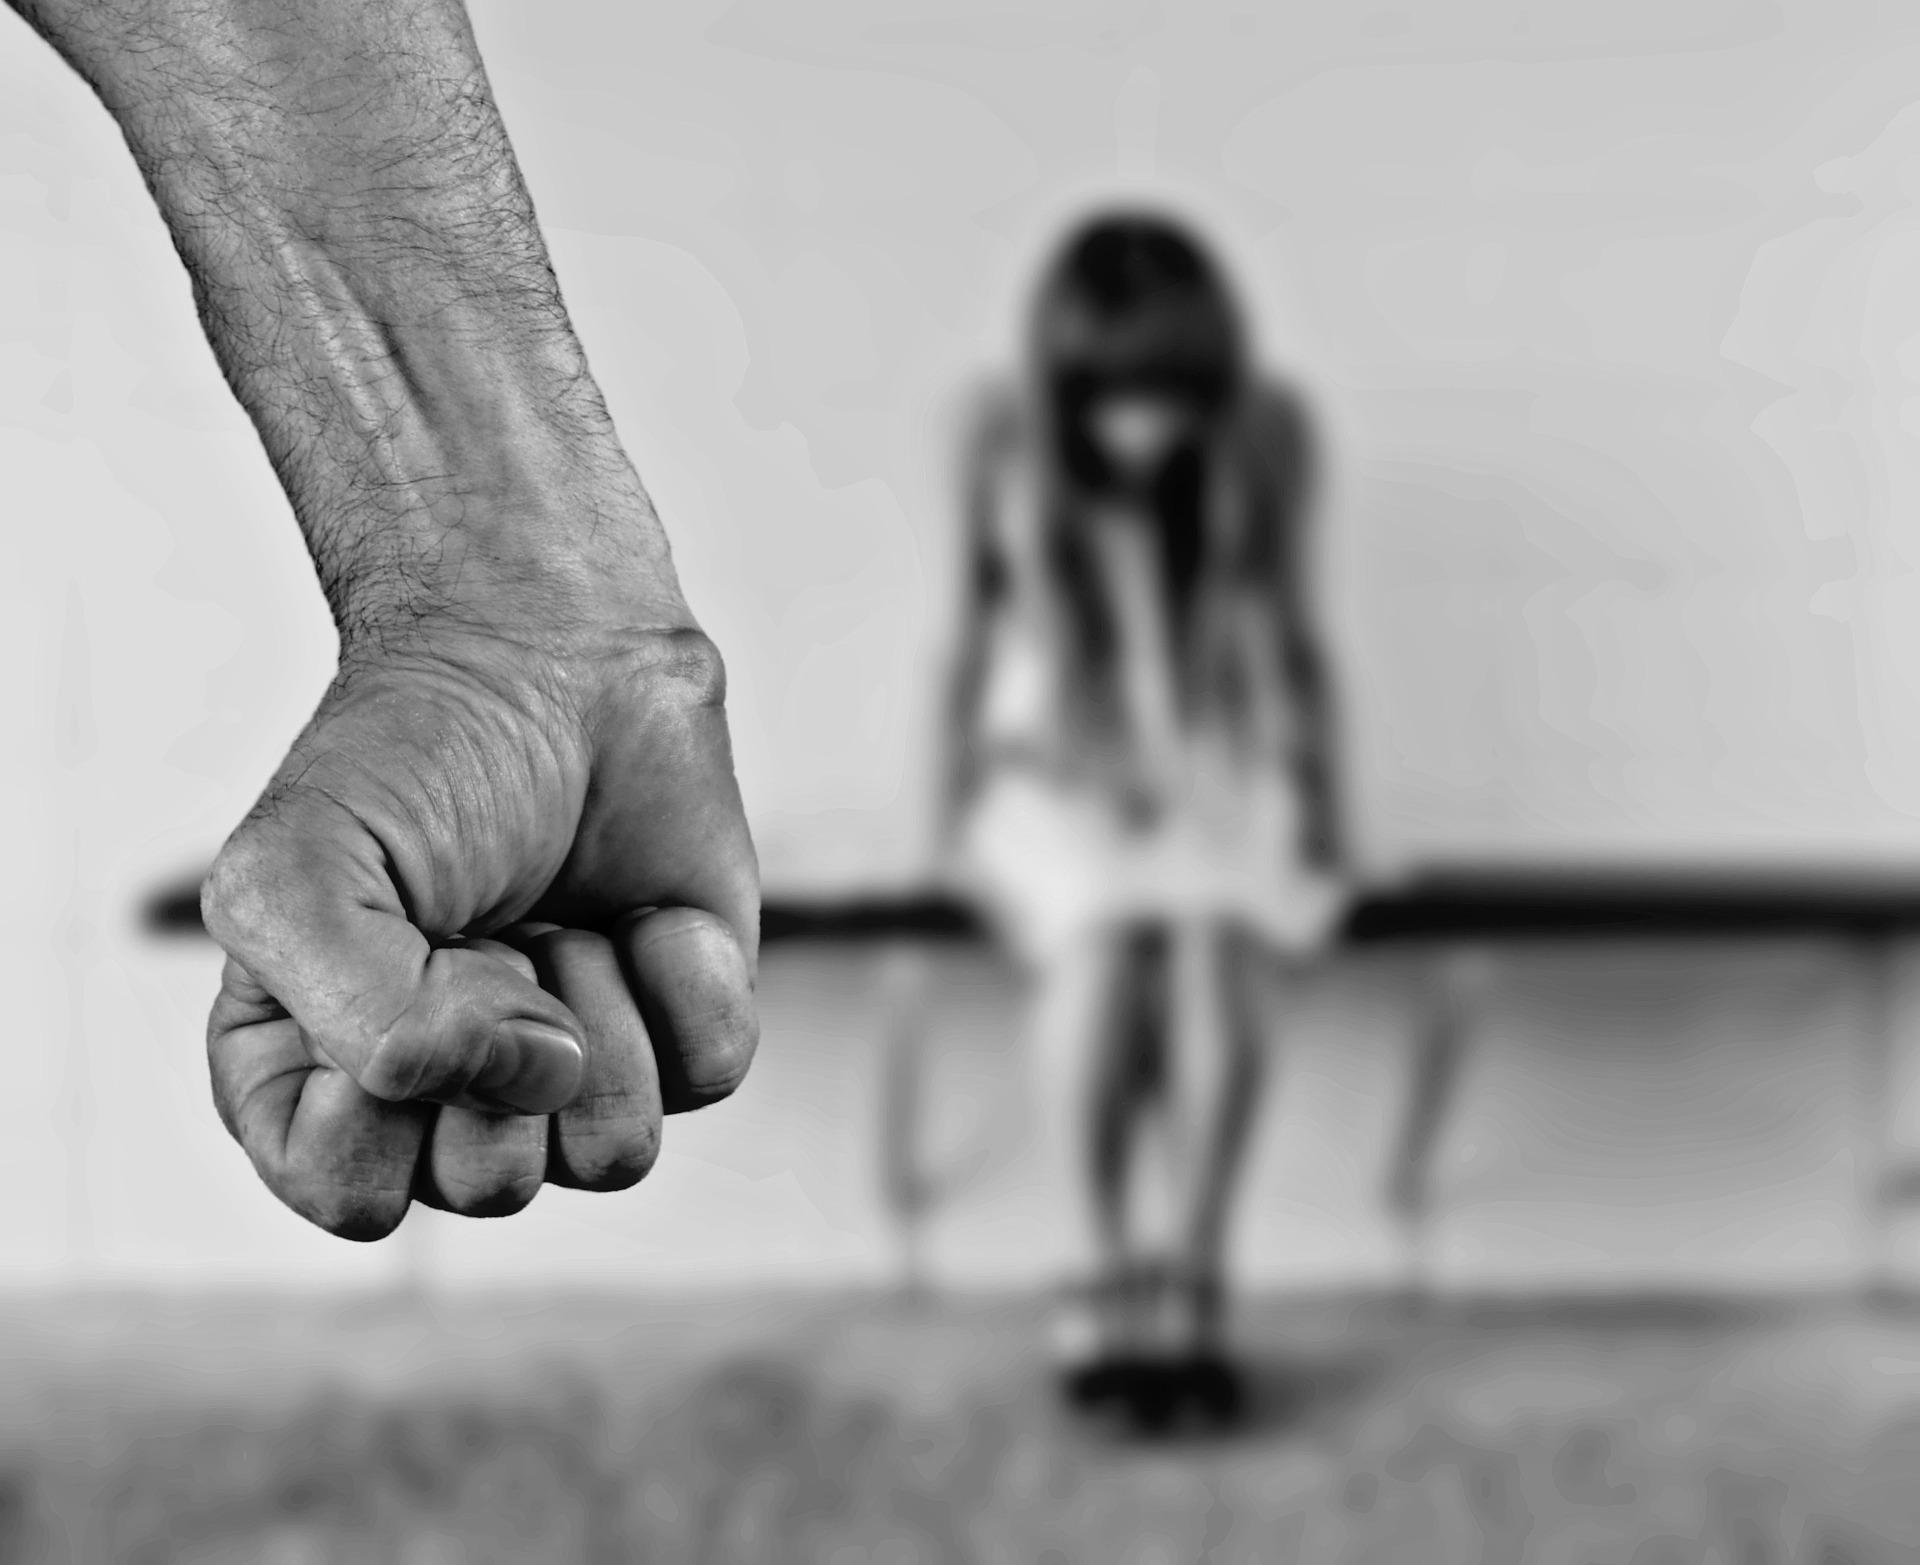 Comment mieux réagir face à une personne agressive ?